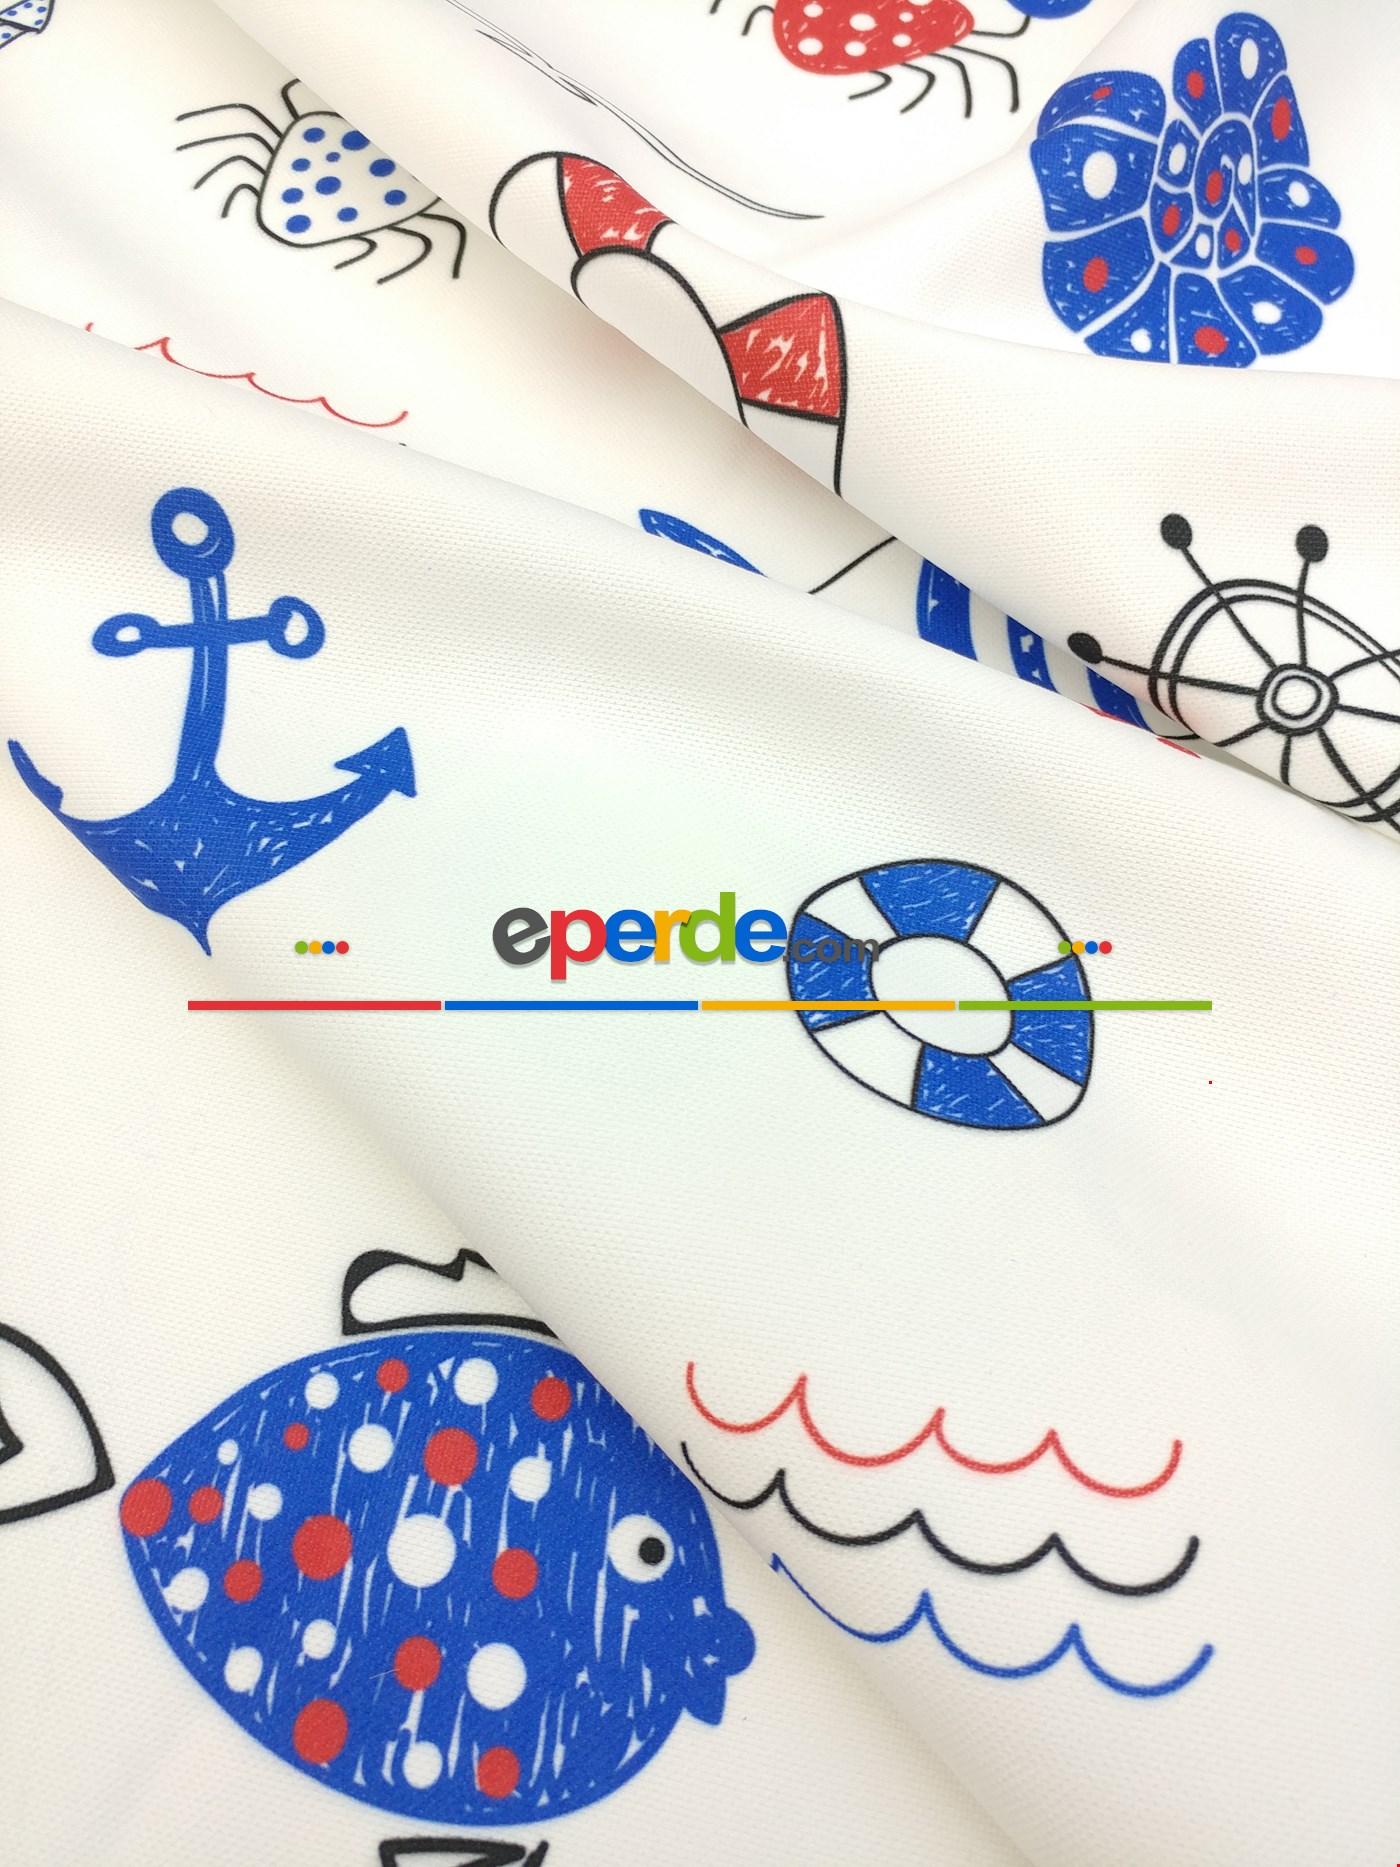 Metre İle Dikişsiz Kumaş - Denizci - Çocuk Odası Fon Perde